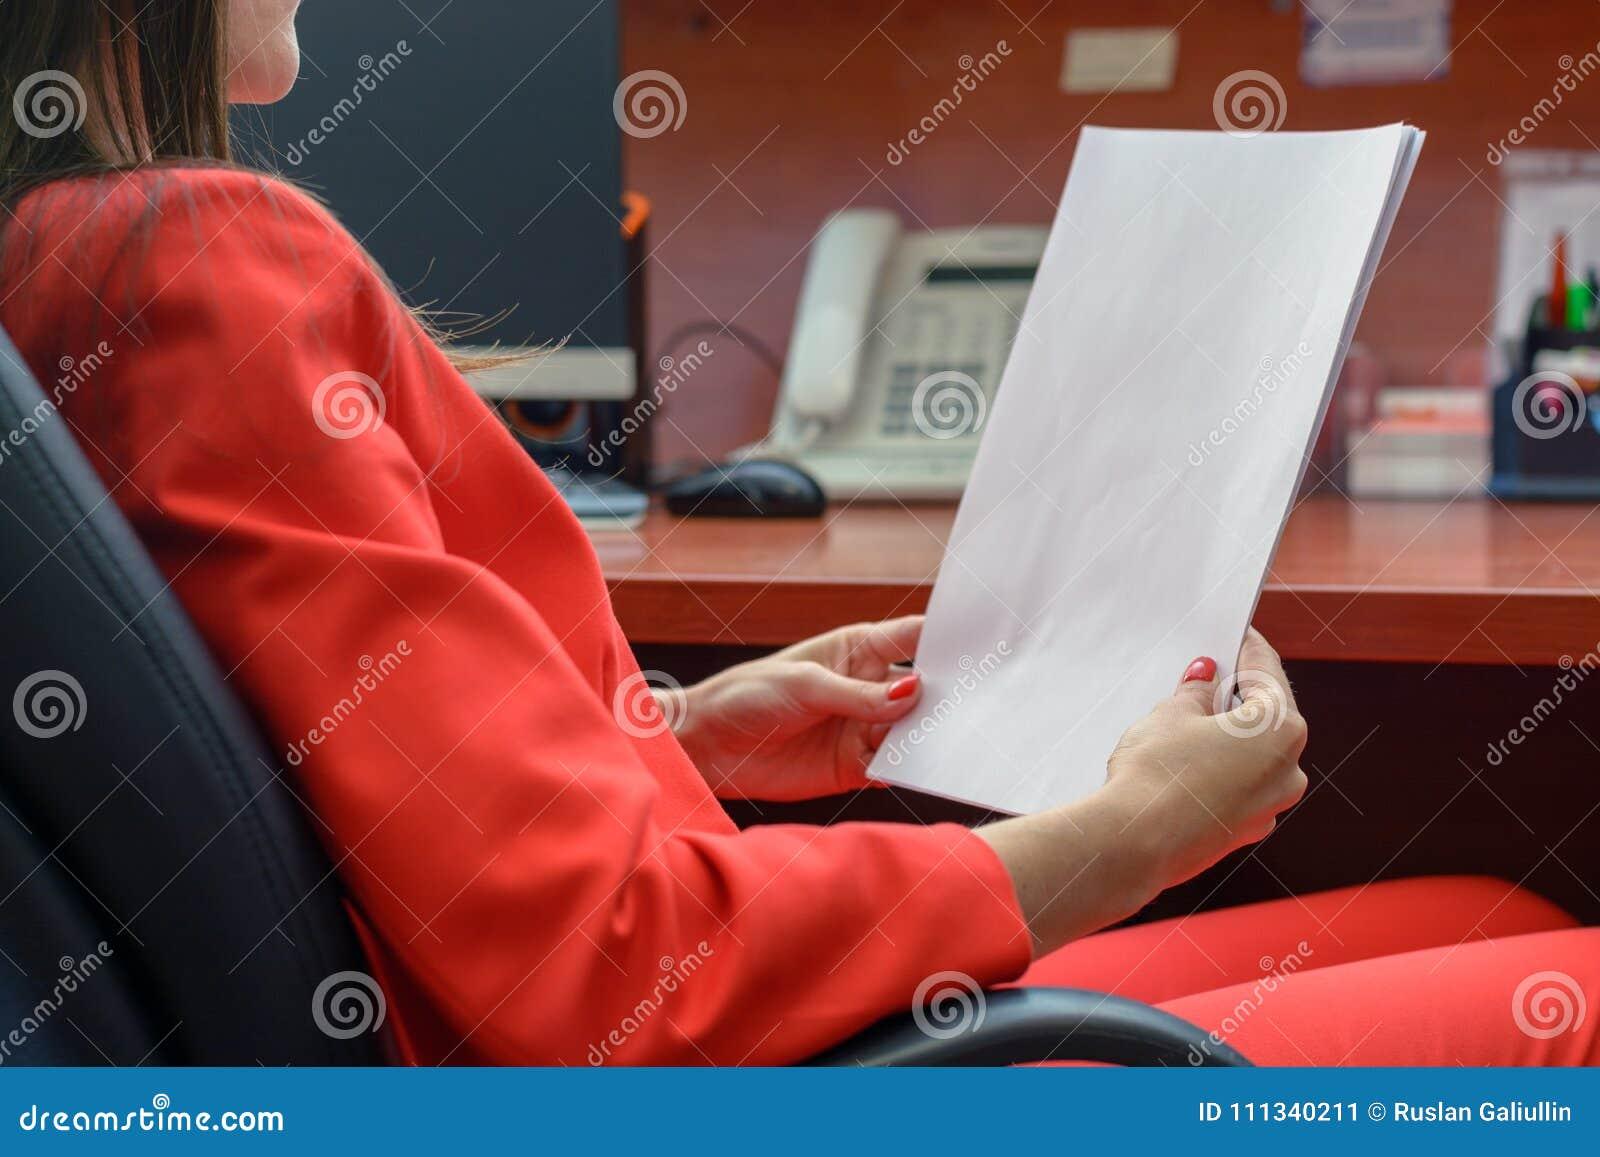 Biznesowa kobieta w czerwonym kostiumu siedzi w rzemiennym krześle czytaniu i kontrakt, sprawdza papier